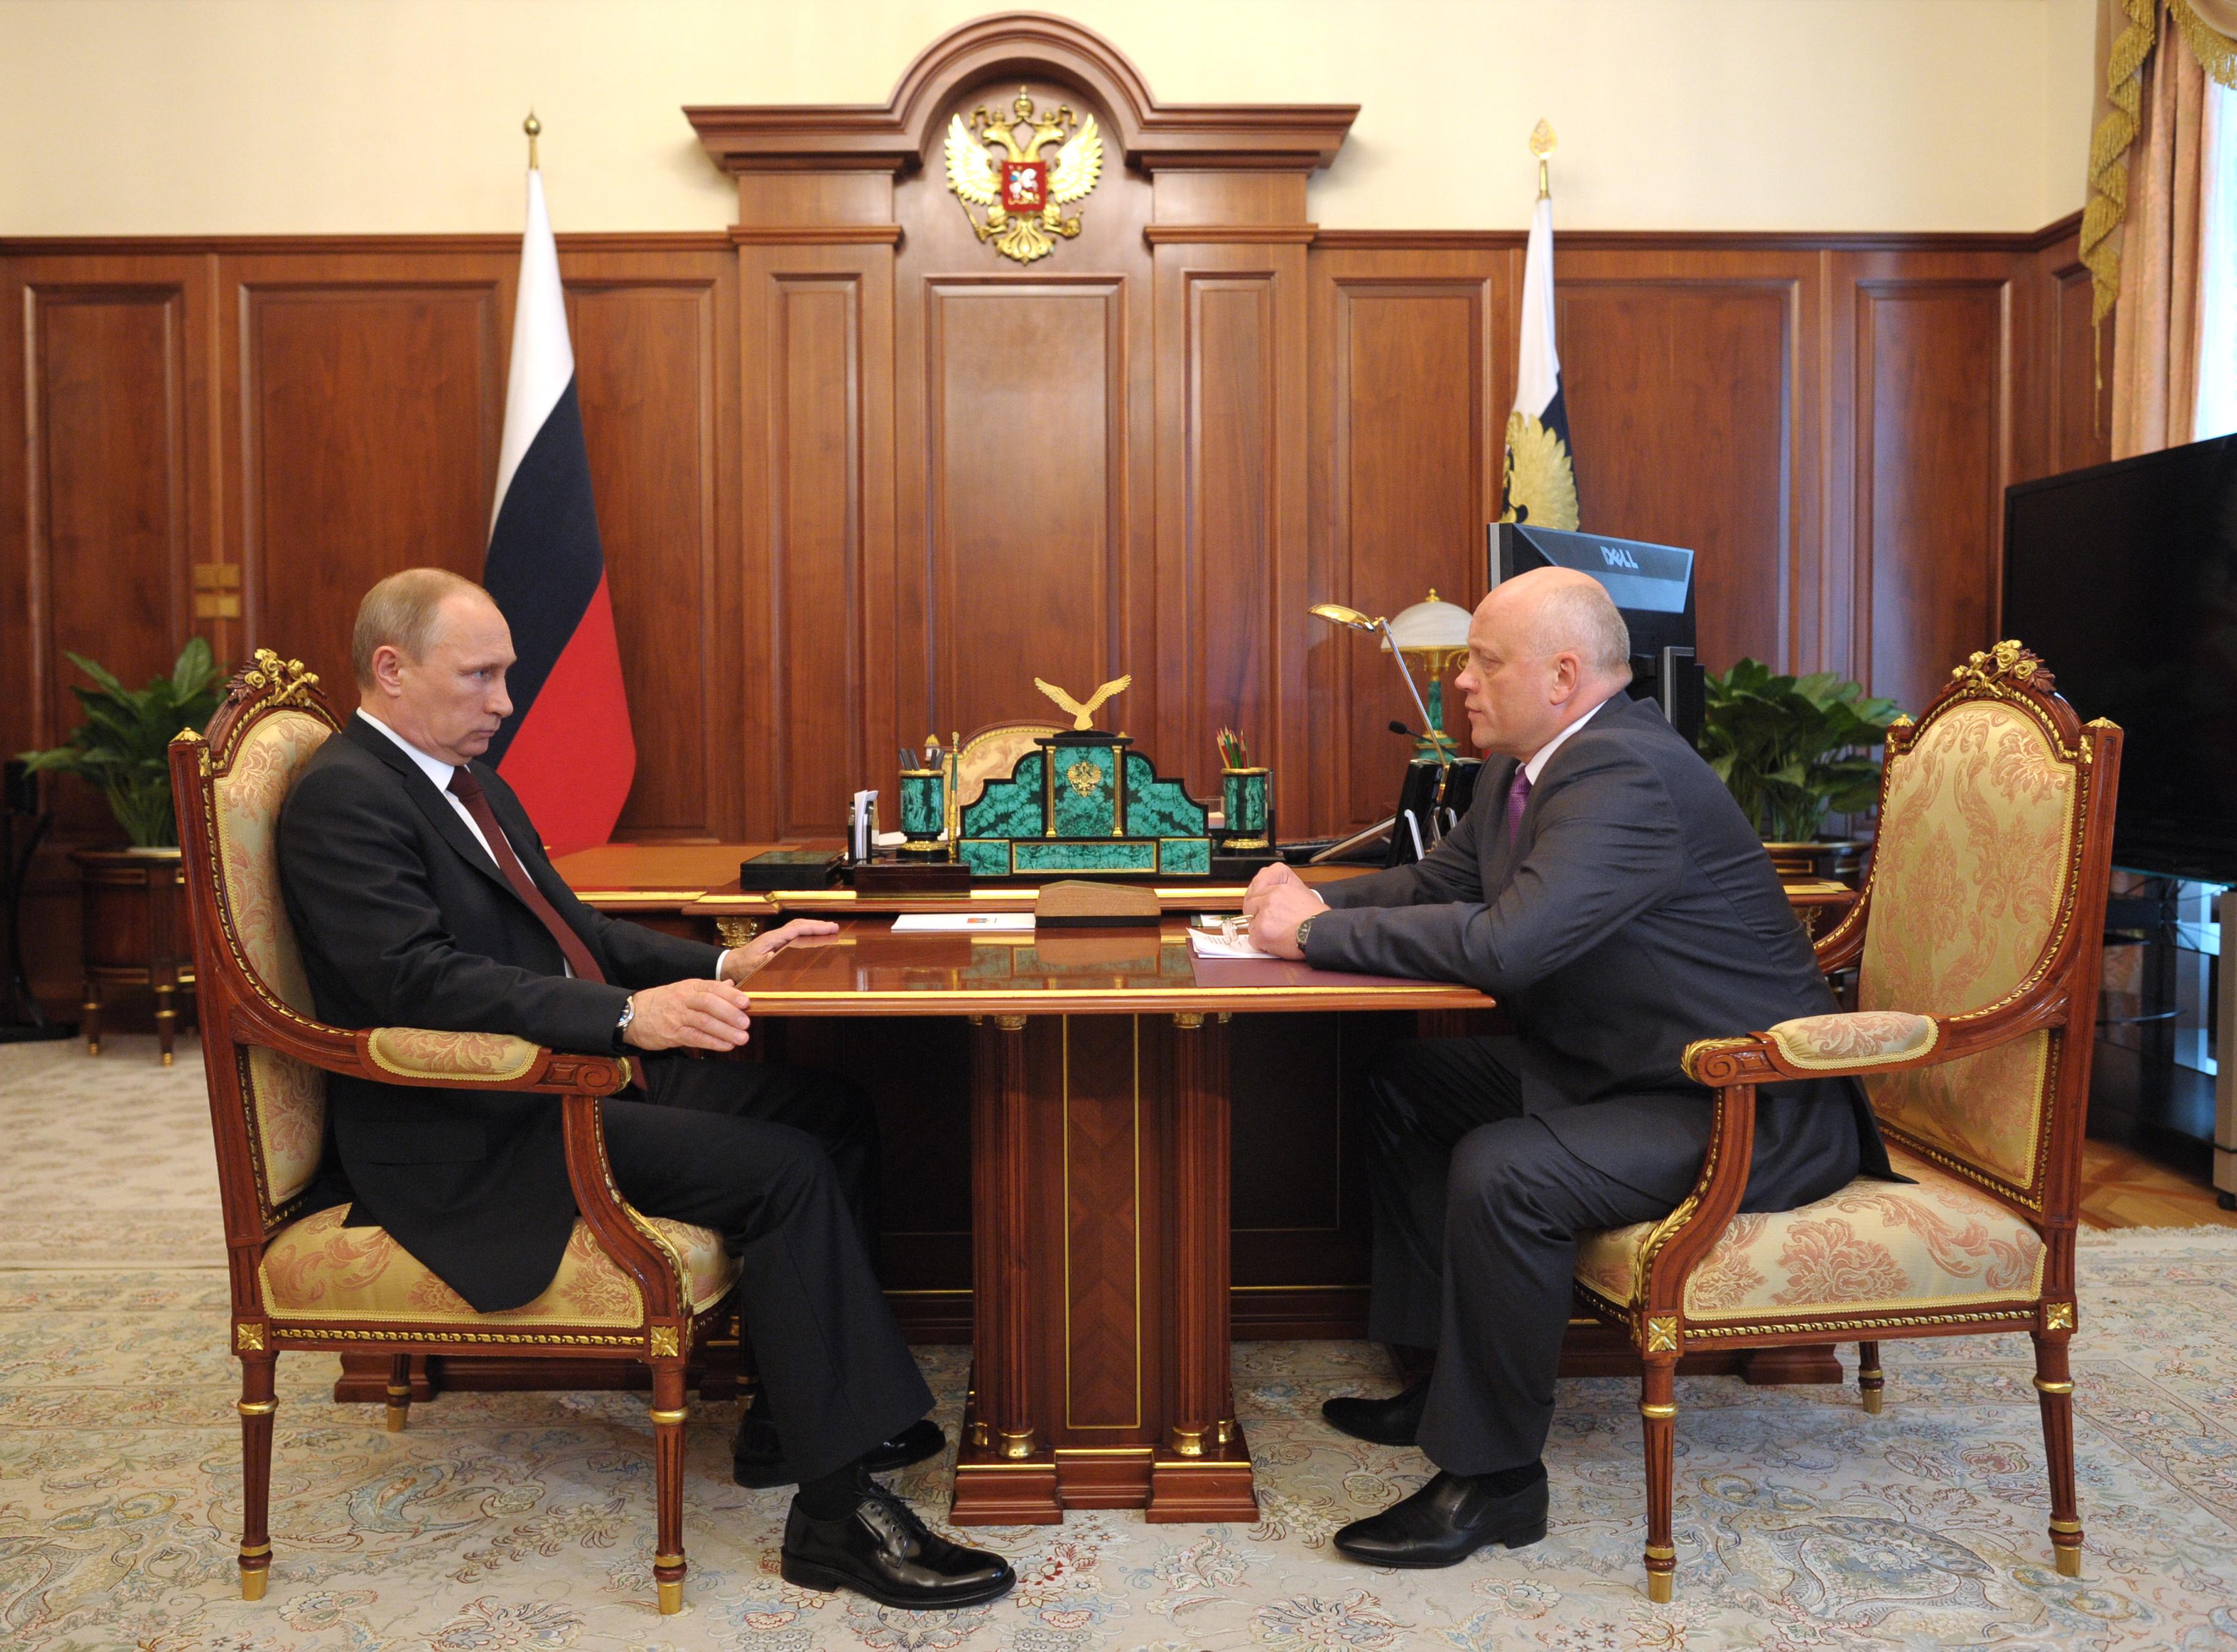 Президент России Владимир Путин и губернатор Омской области Виктор Назаров во время встречи